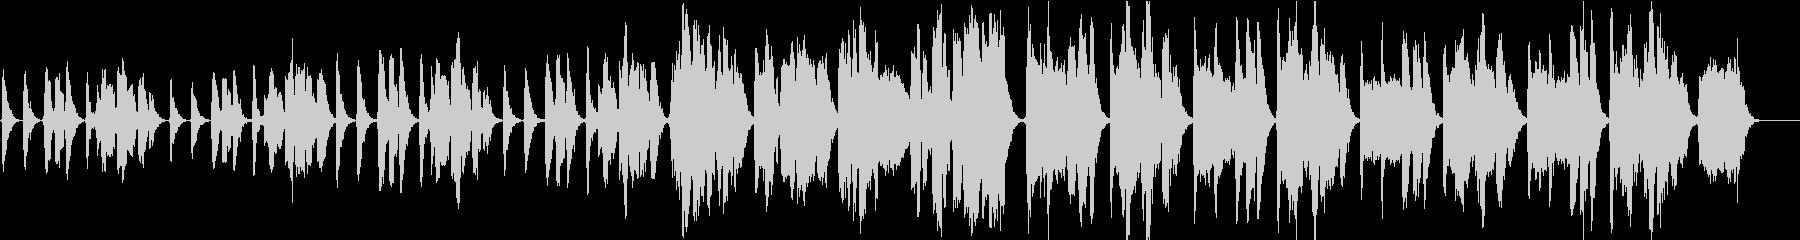 「ほたるこい」アカペラ 4重コーラスの未再生の波形